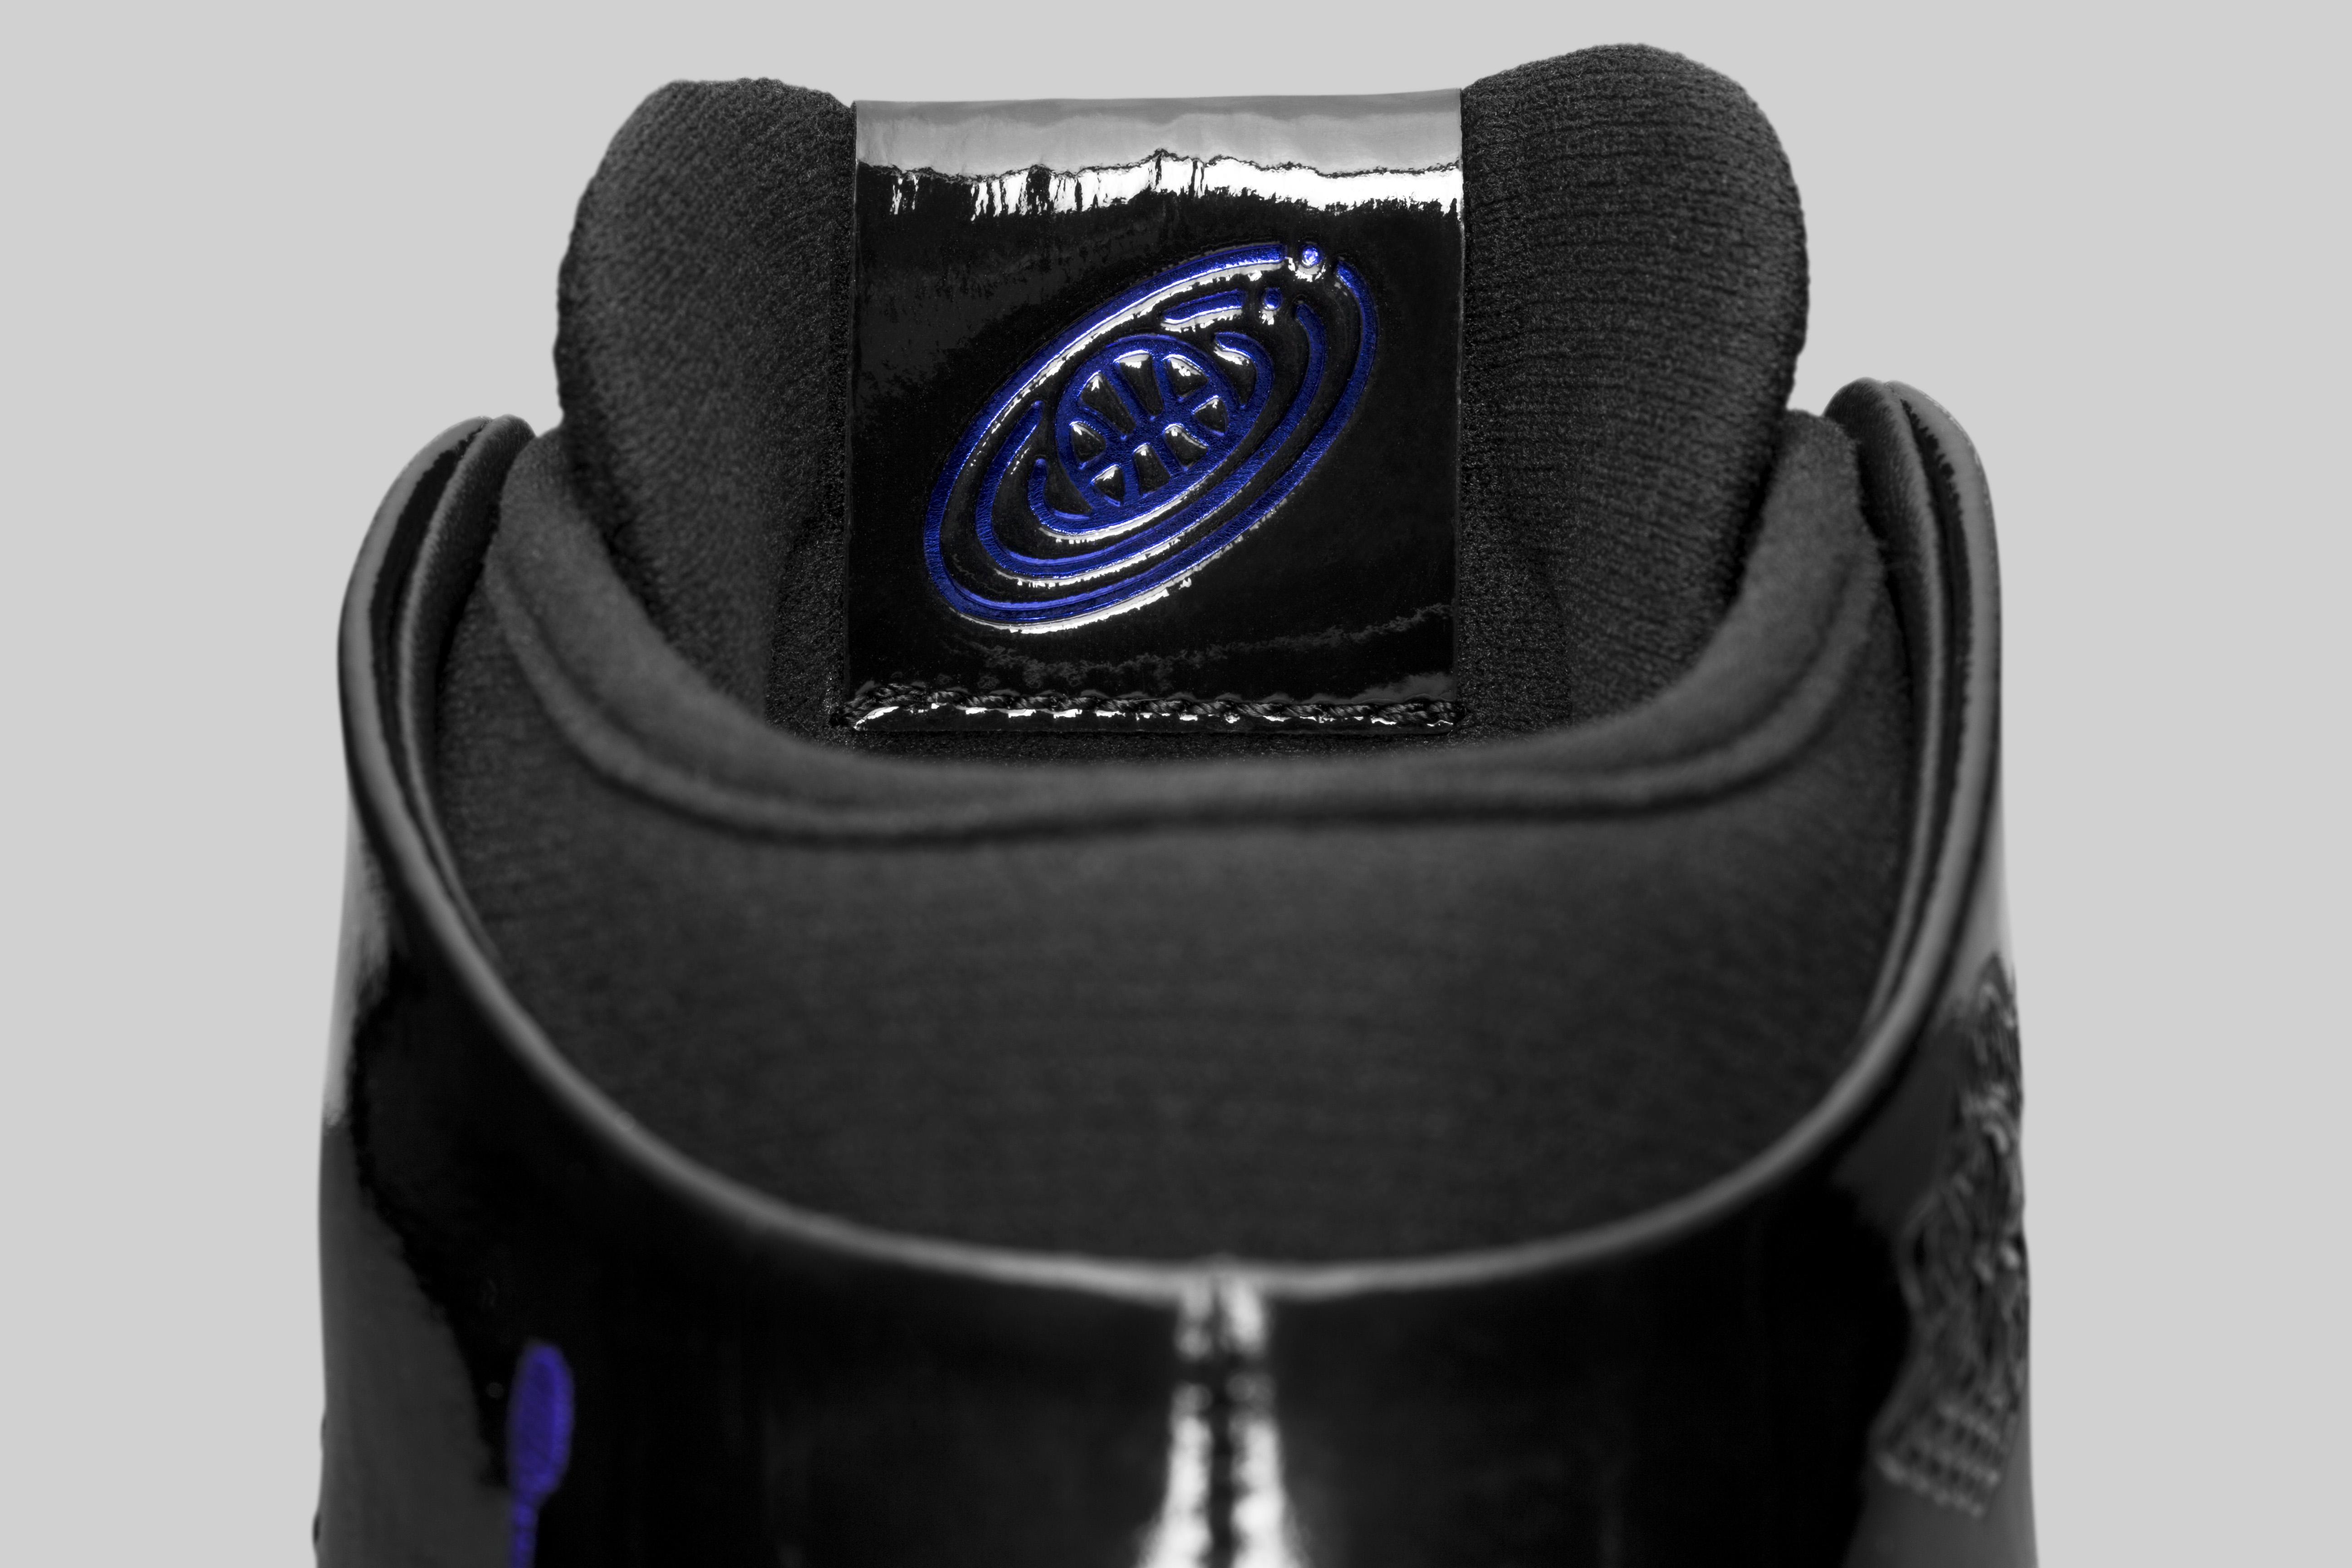 d72f3698354e58 Image via Nike Space Jam Jordan 31 Tongue